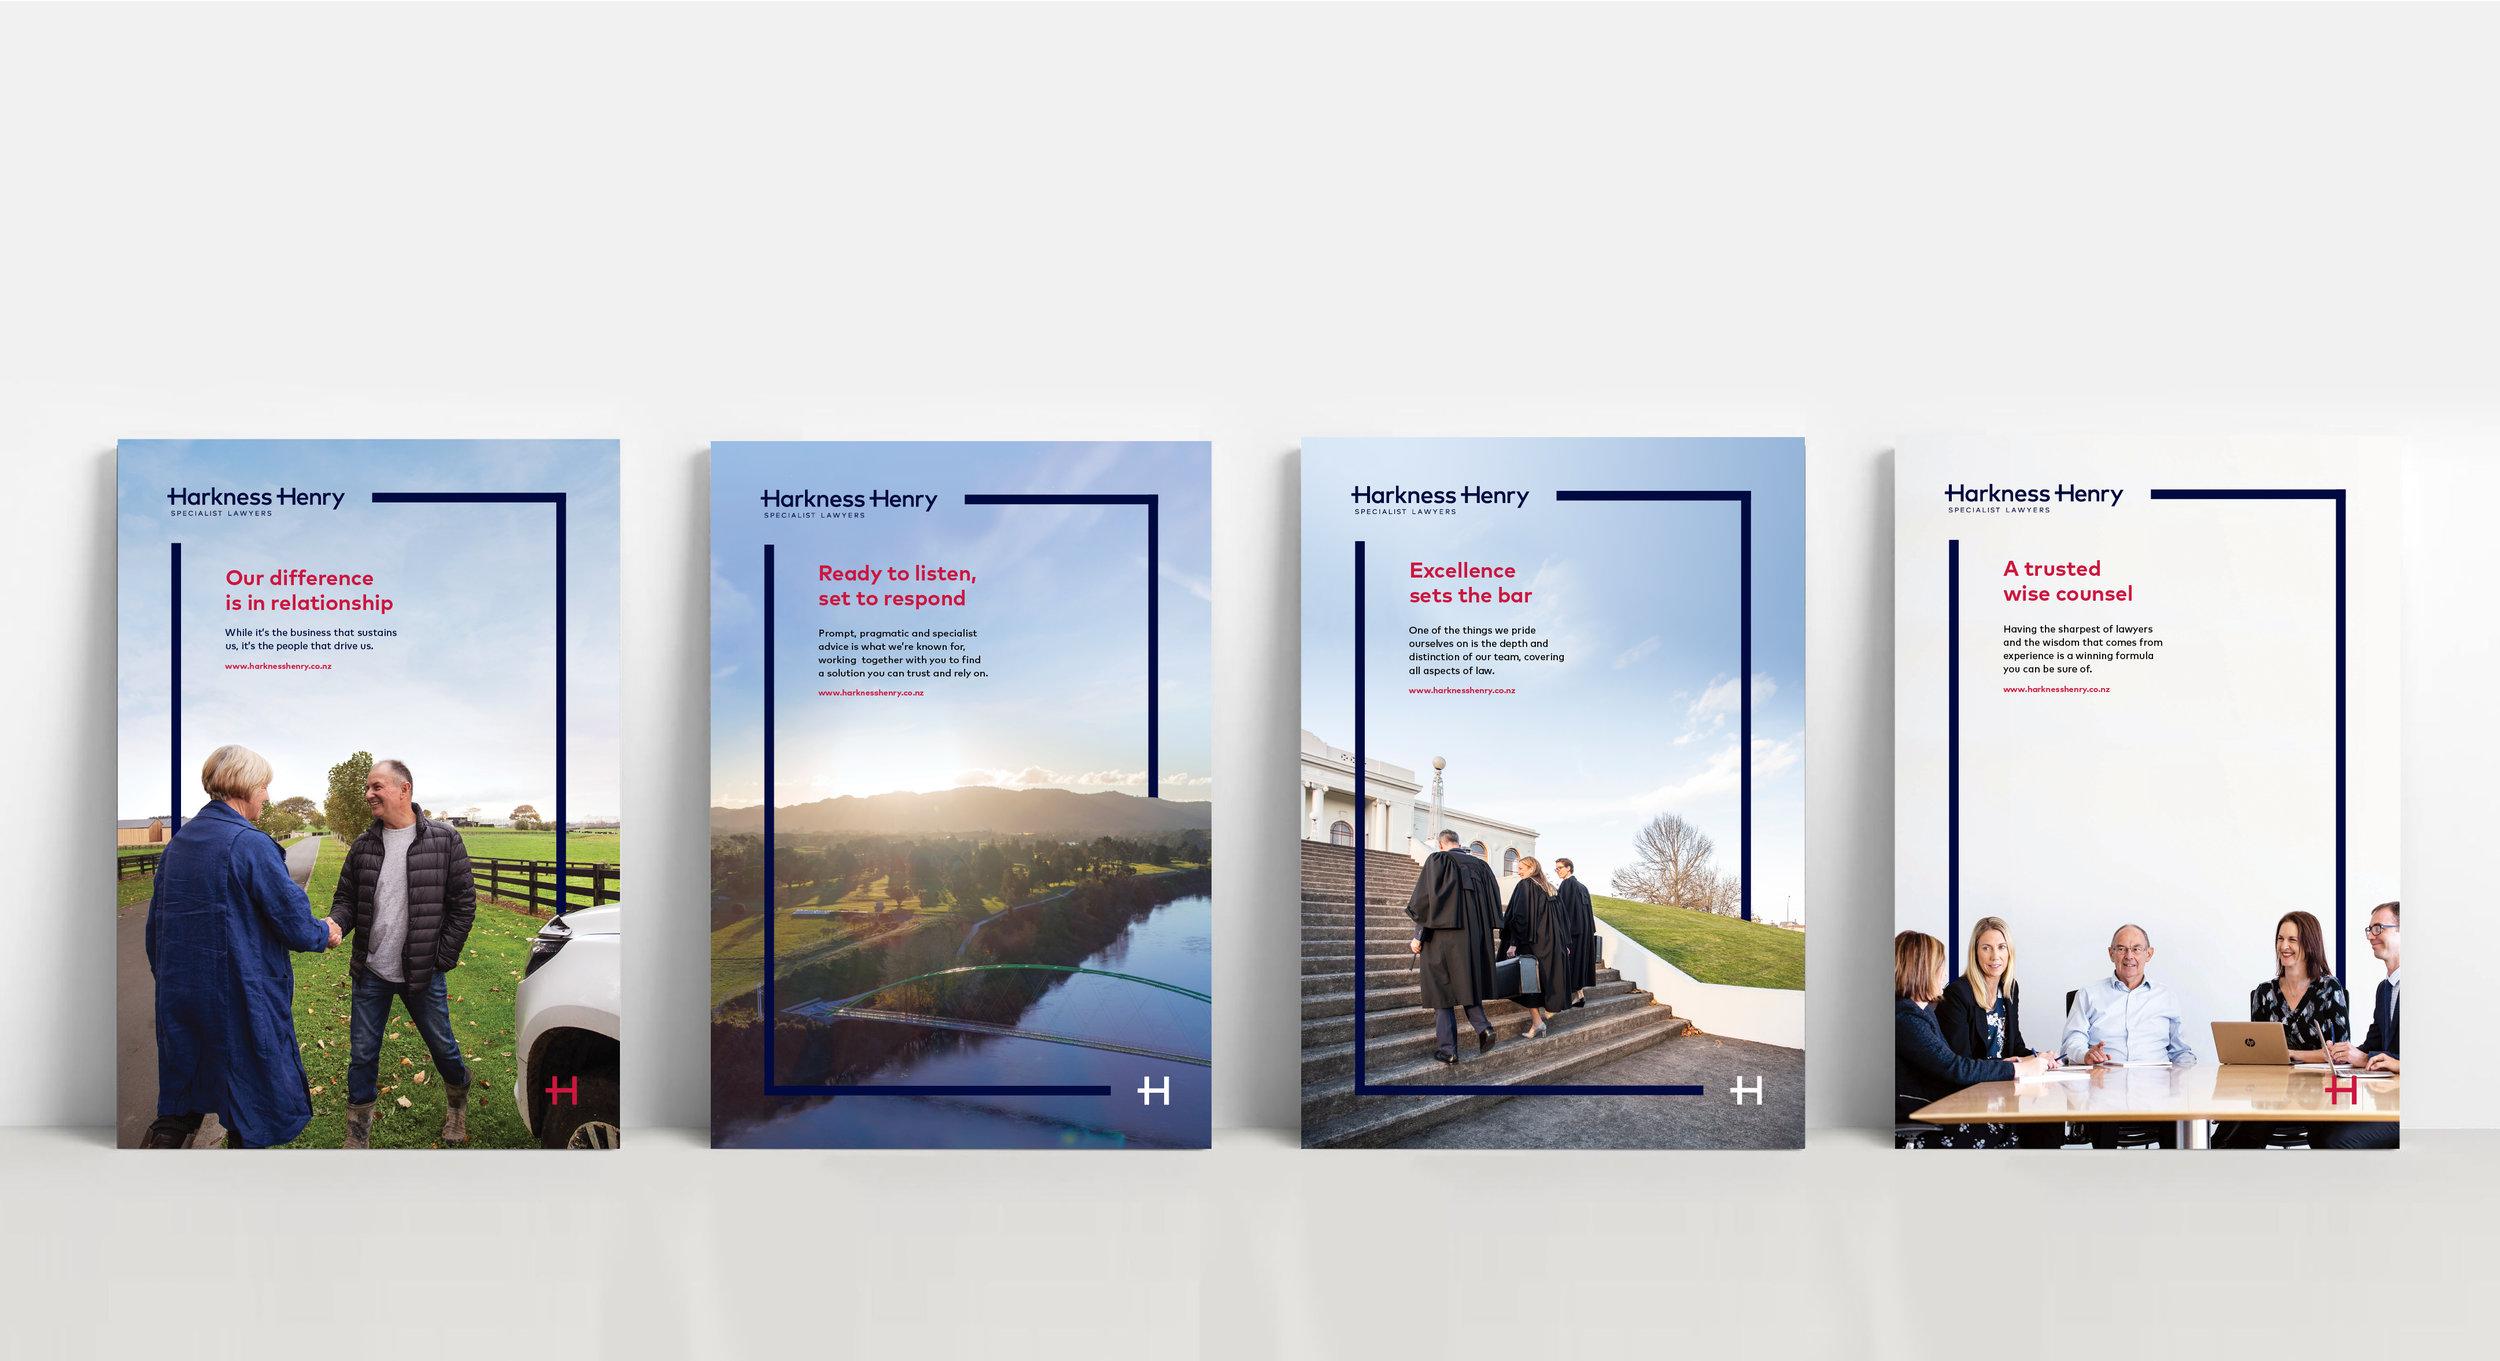 designwell-harknesshenry-branding5.jpg